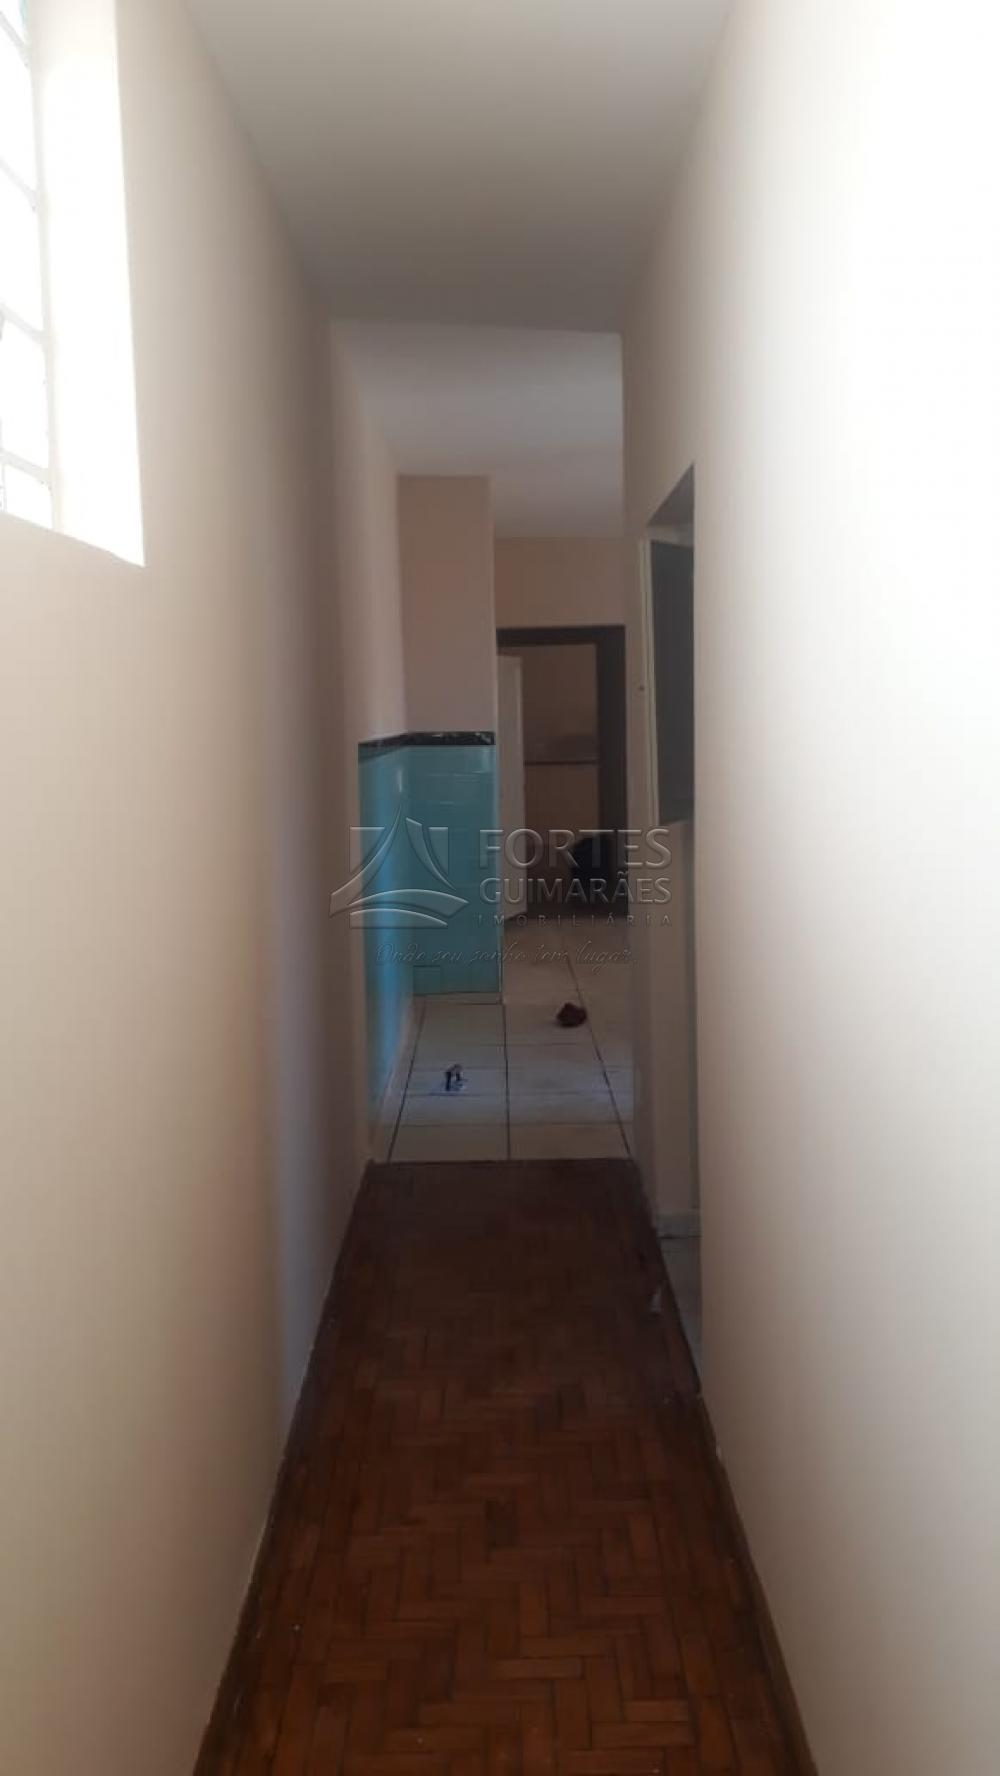 Alugar Casas / Padrão em Ribeirão Preto apenas R$ 850,00 - Foto 27